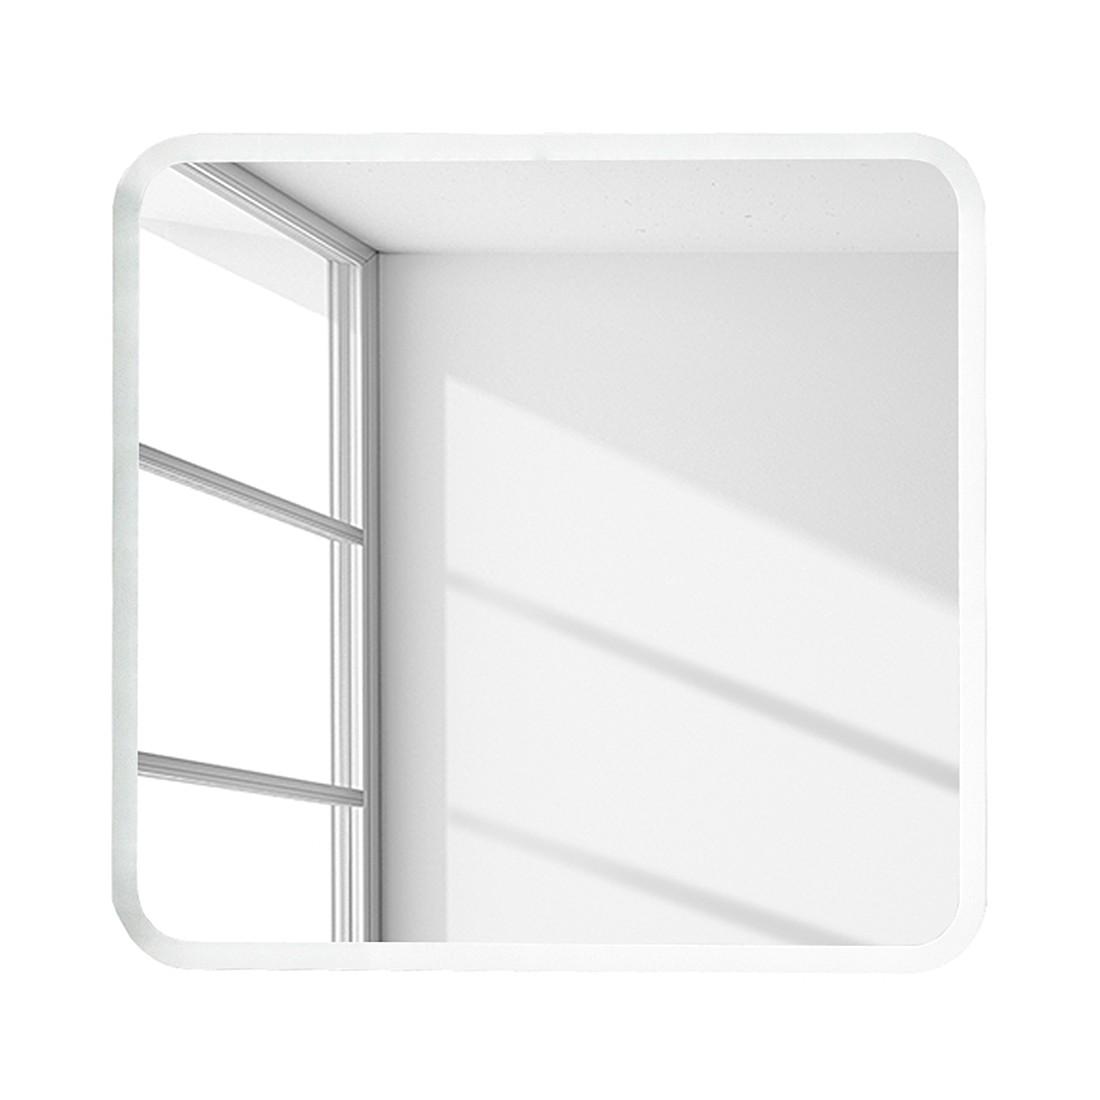 LED-Wandspiegel, Fackelmann